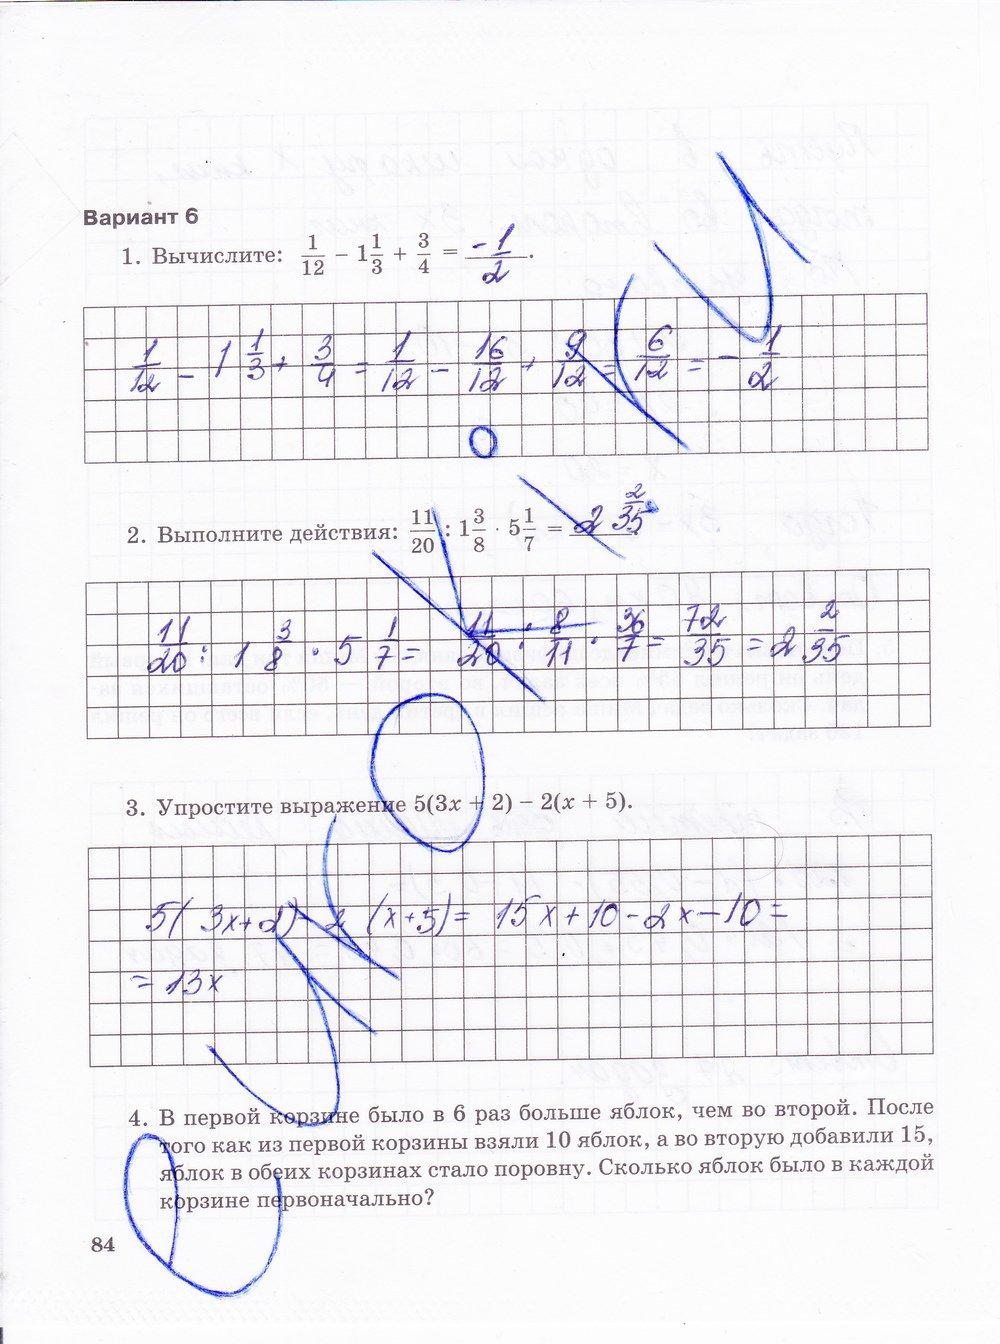 ГДЗ по математике 6 класс тетрадь для контрольных работ Зубарева, Лепешонкова Мнемозина Часть 1, 2 ответы и решения онлайн. Задание: стр. 84